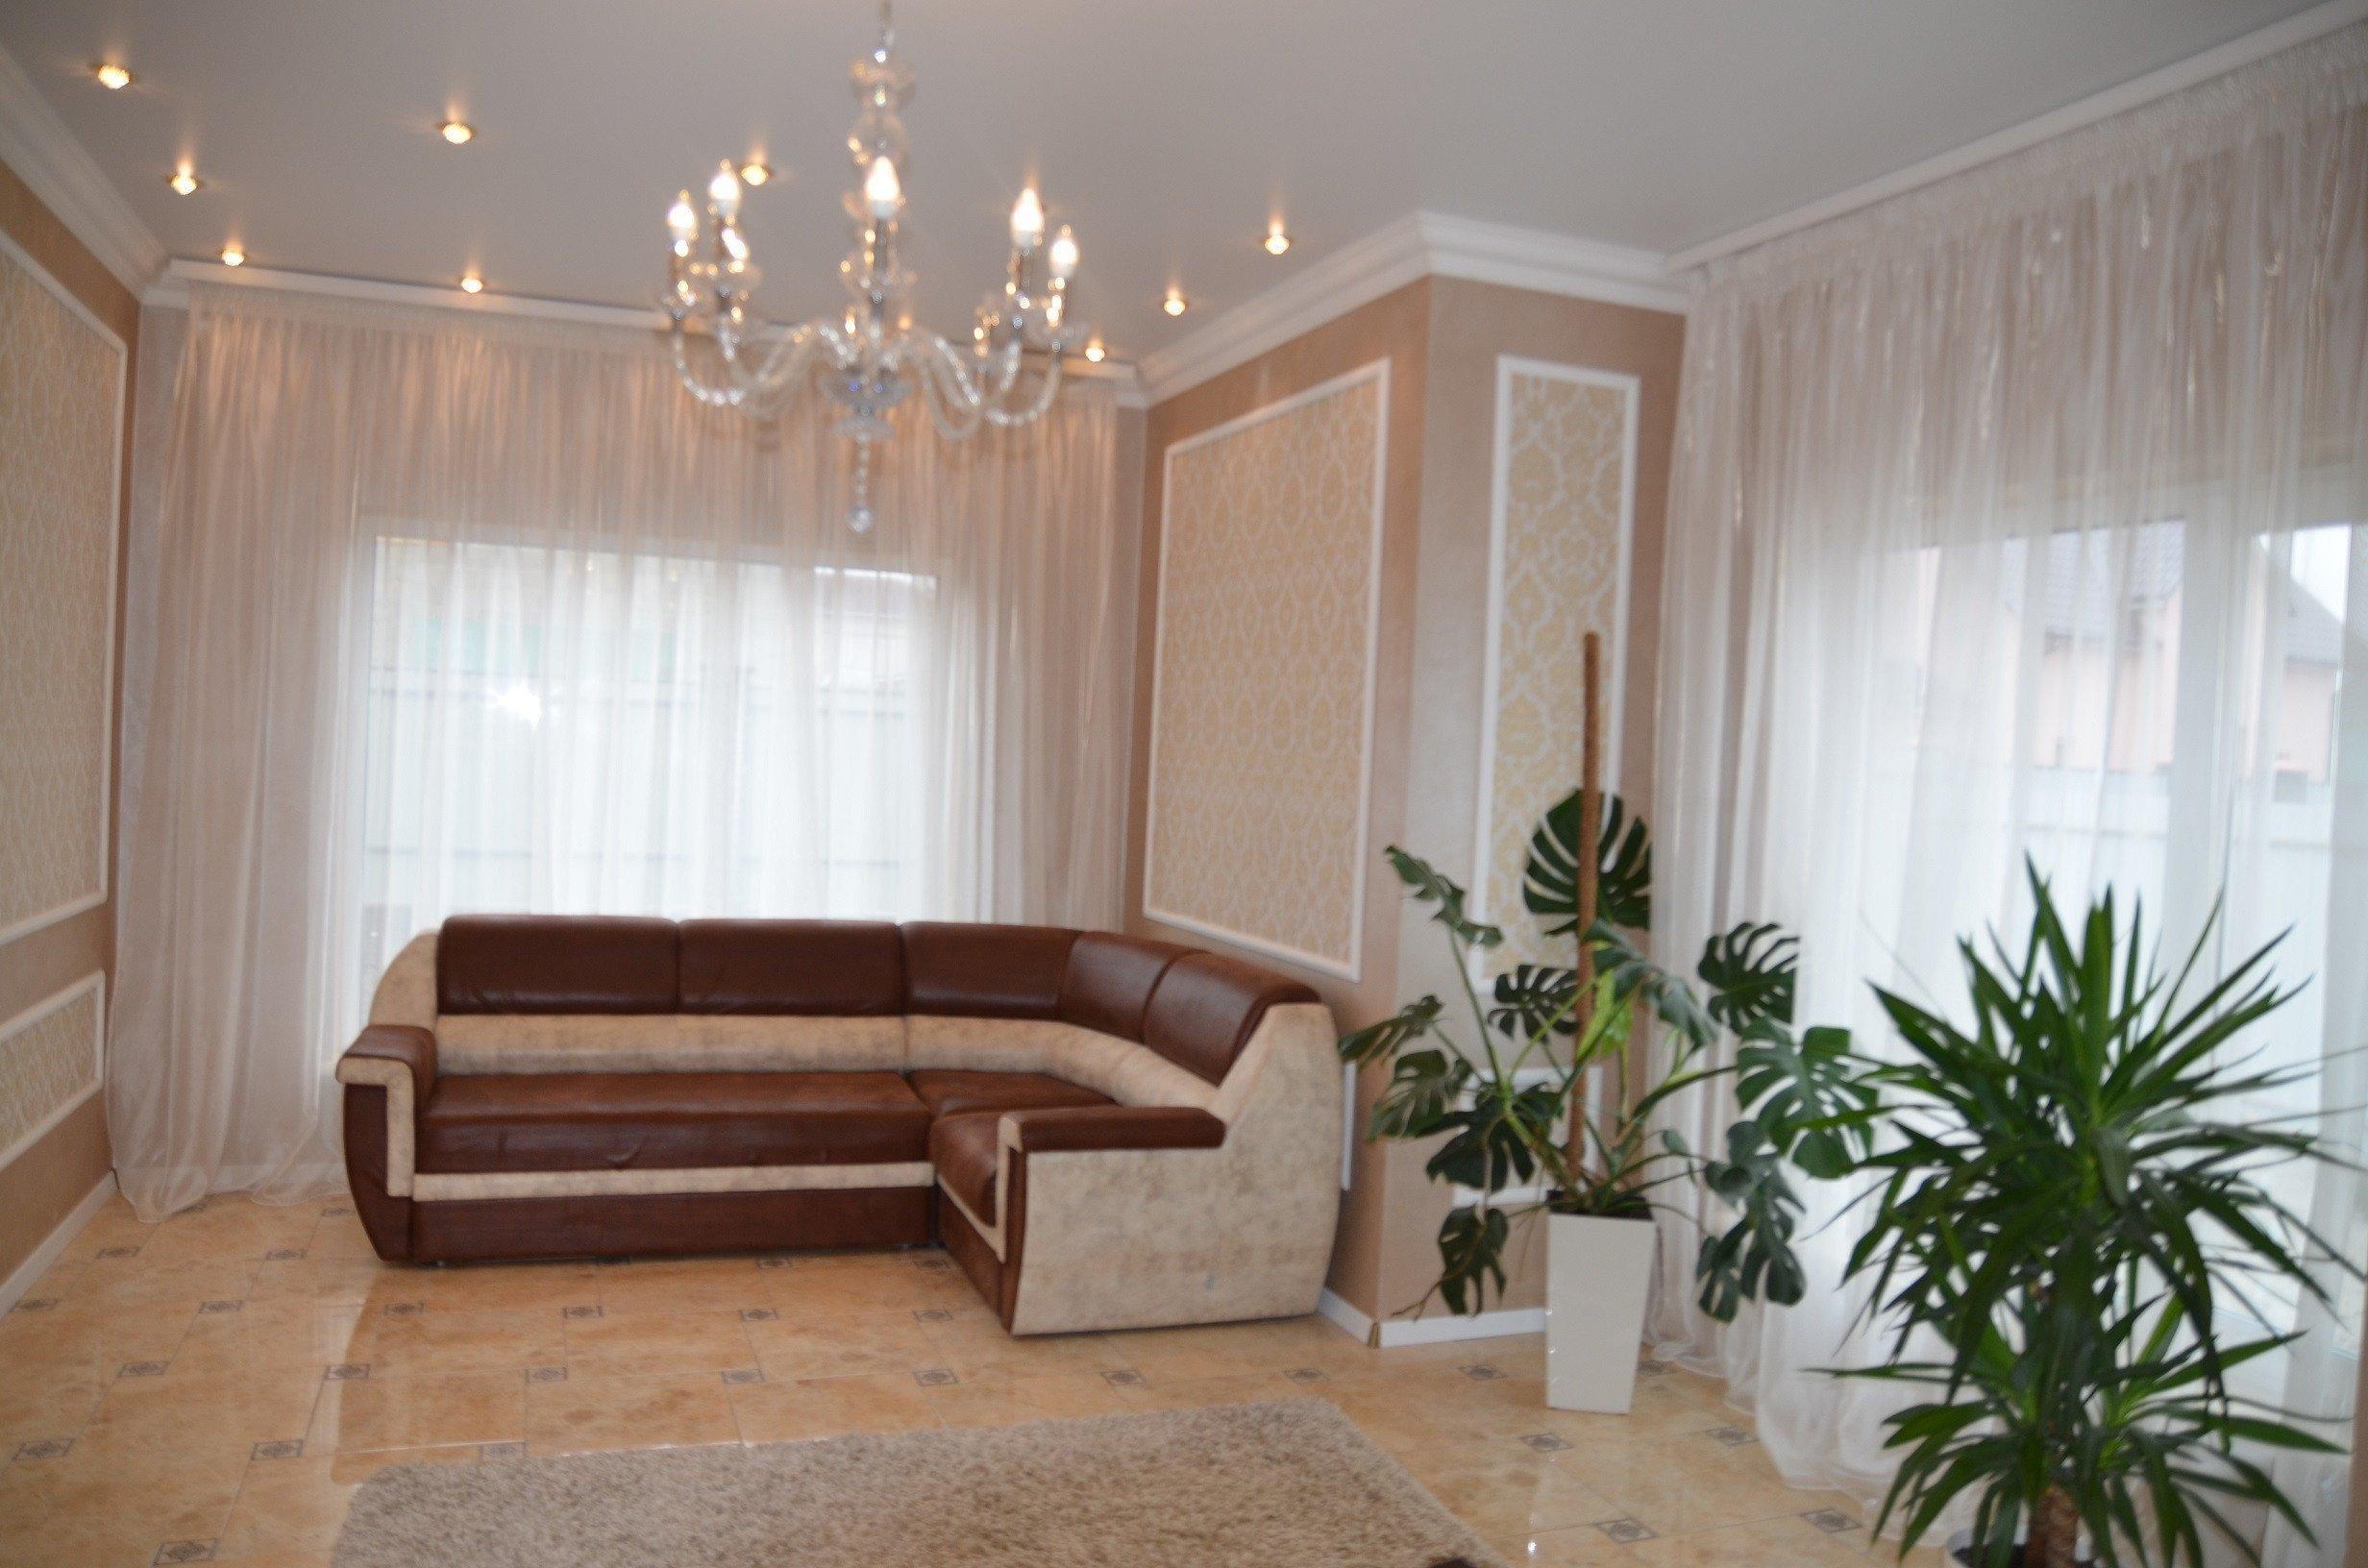 Продам дом в городе Борисполь. Объявление № 4854